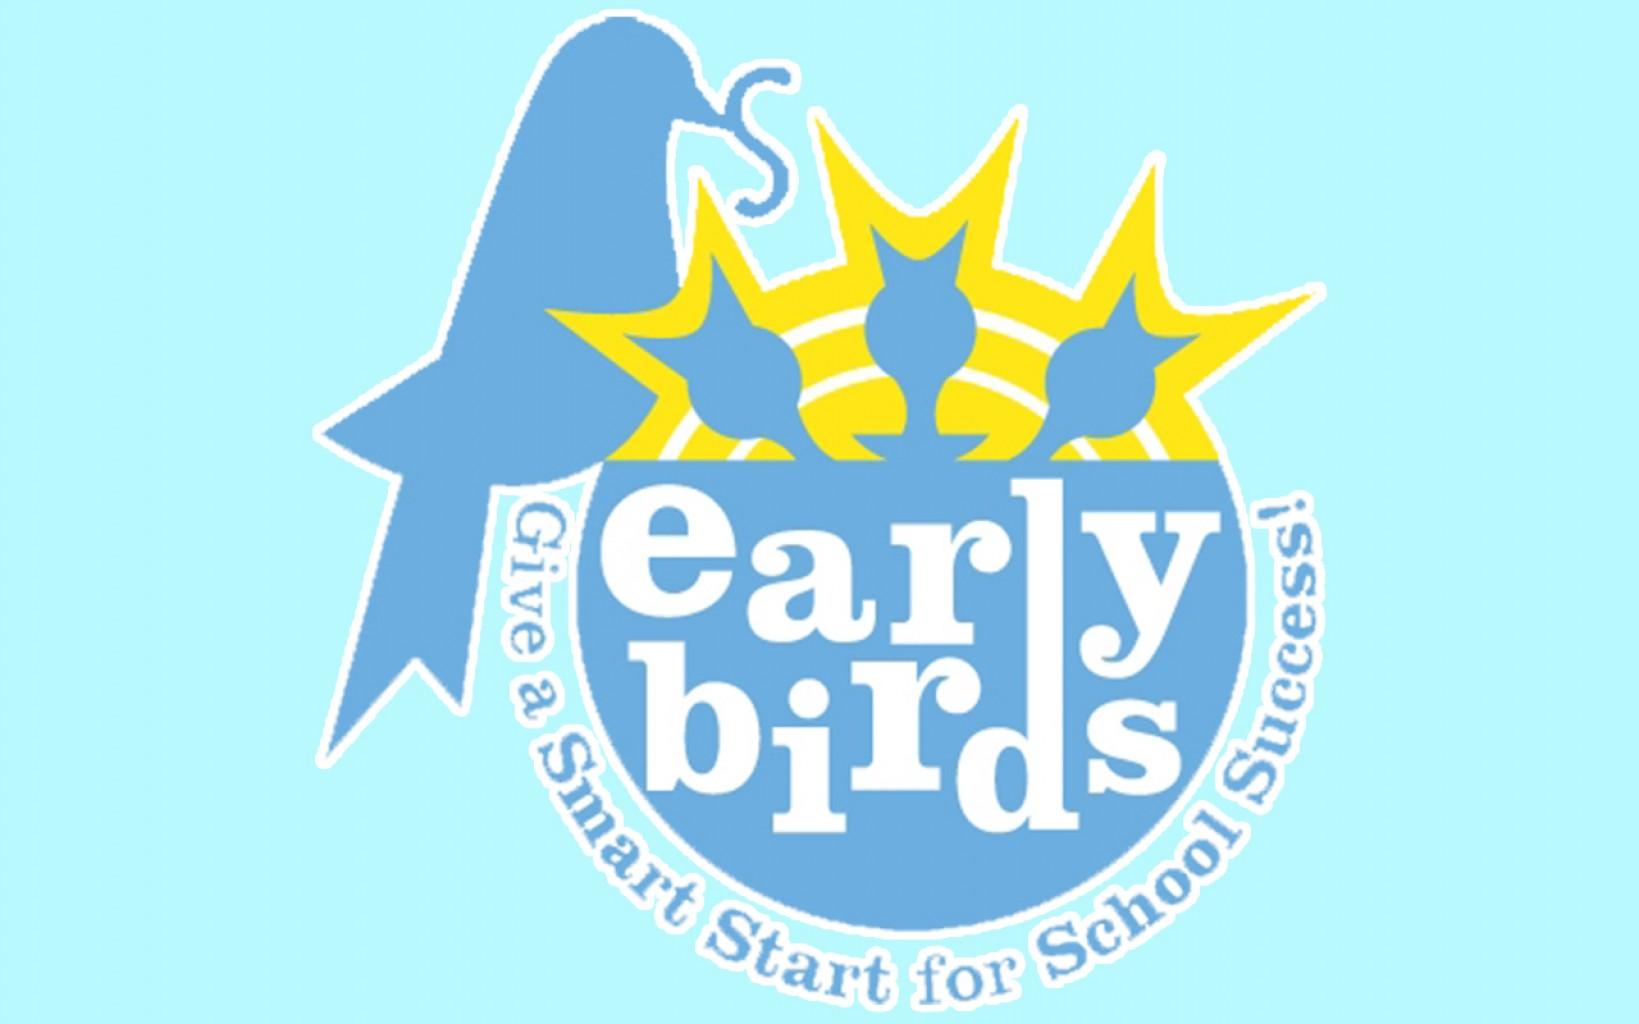 ¡Bienvenidos a Early Birds! Hable con sus hijos sobre el COVID-19 (Coronavirus)- Un recurso para los padres